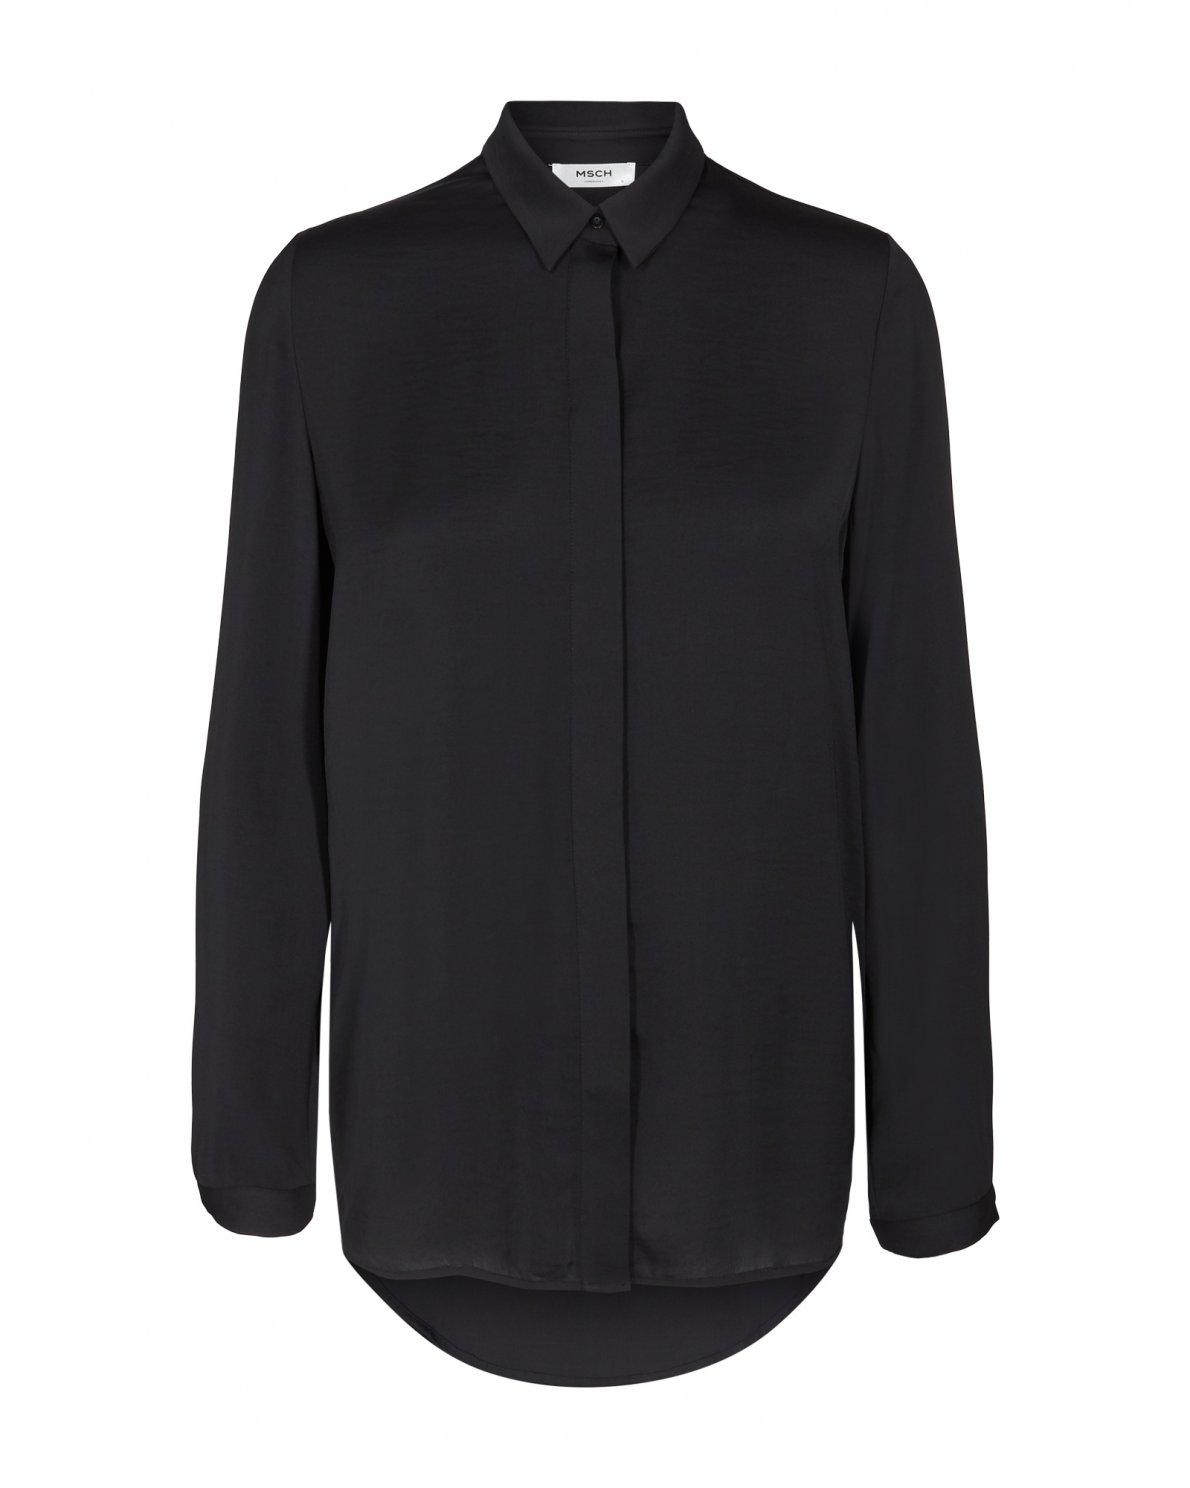 MSCH Blair polysilk shirt svart